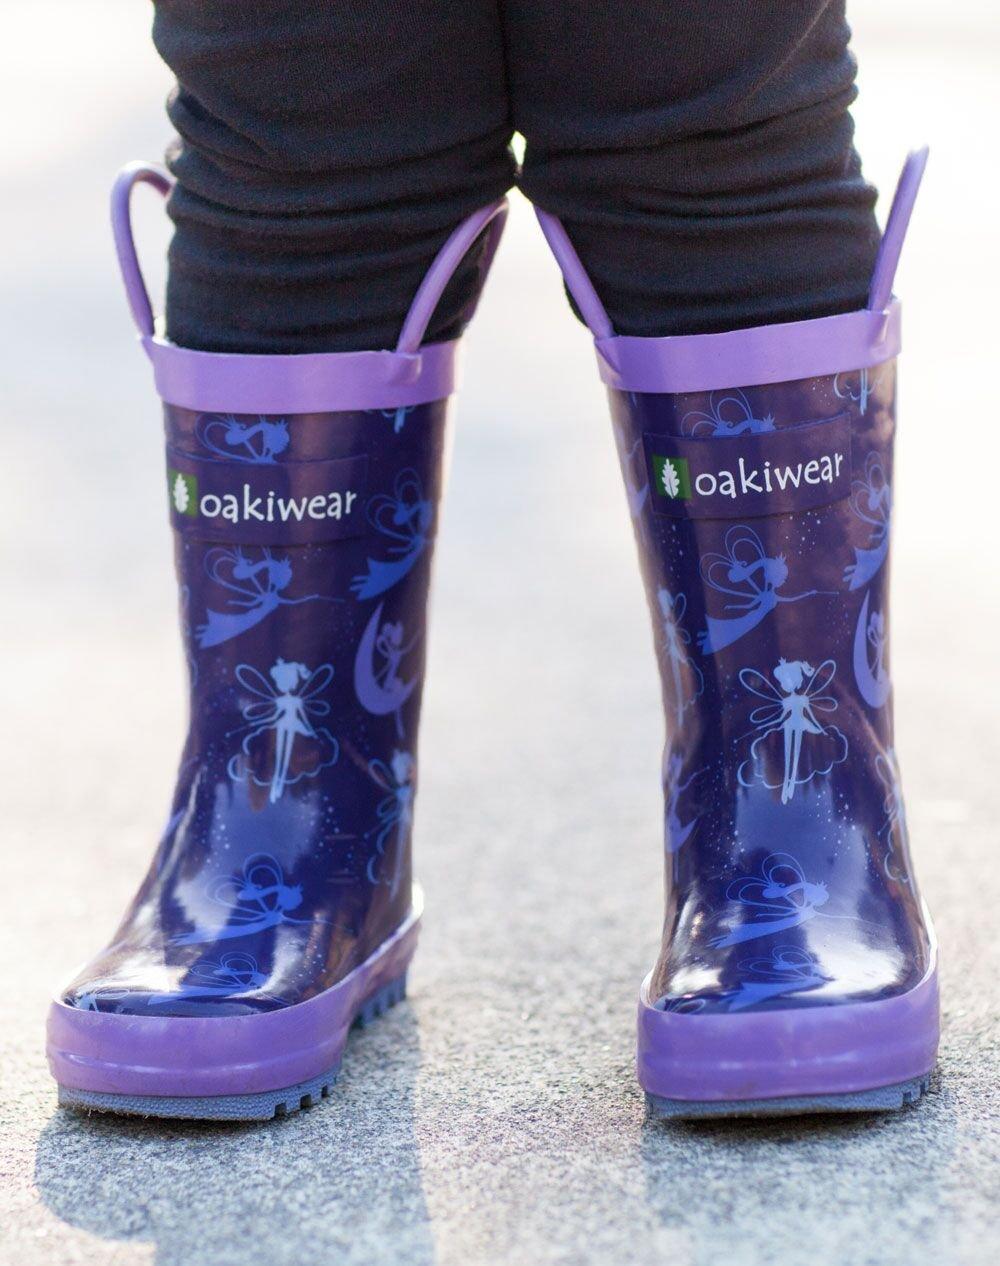 Oakiwear Kids Rubber Rain Boots with Easy-On Handles, Fairy Dust, 1Y US Little Kid by Oakiwear (Image #6)